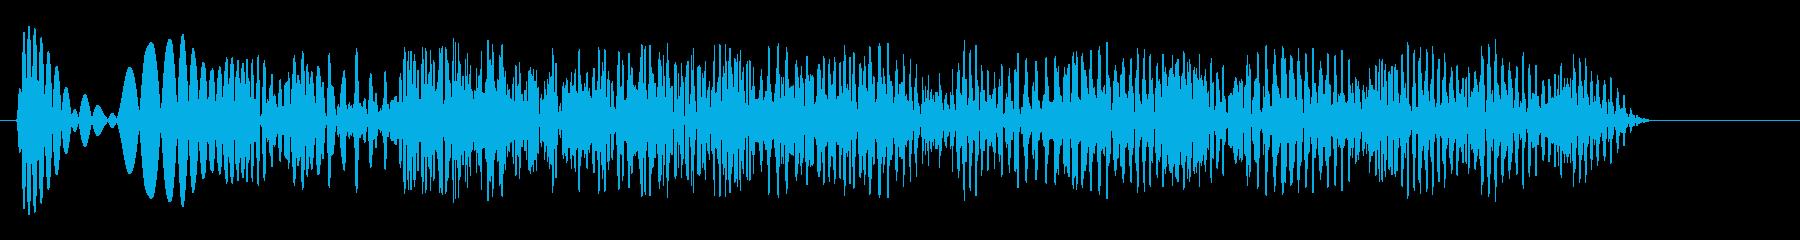 グワワワワワワーンとお腹の鳴る音の再生済みの波形